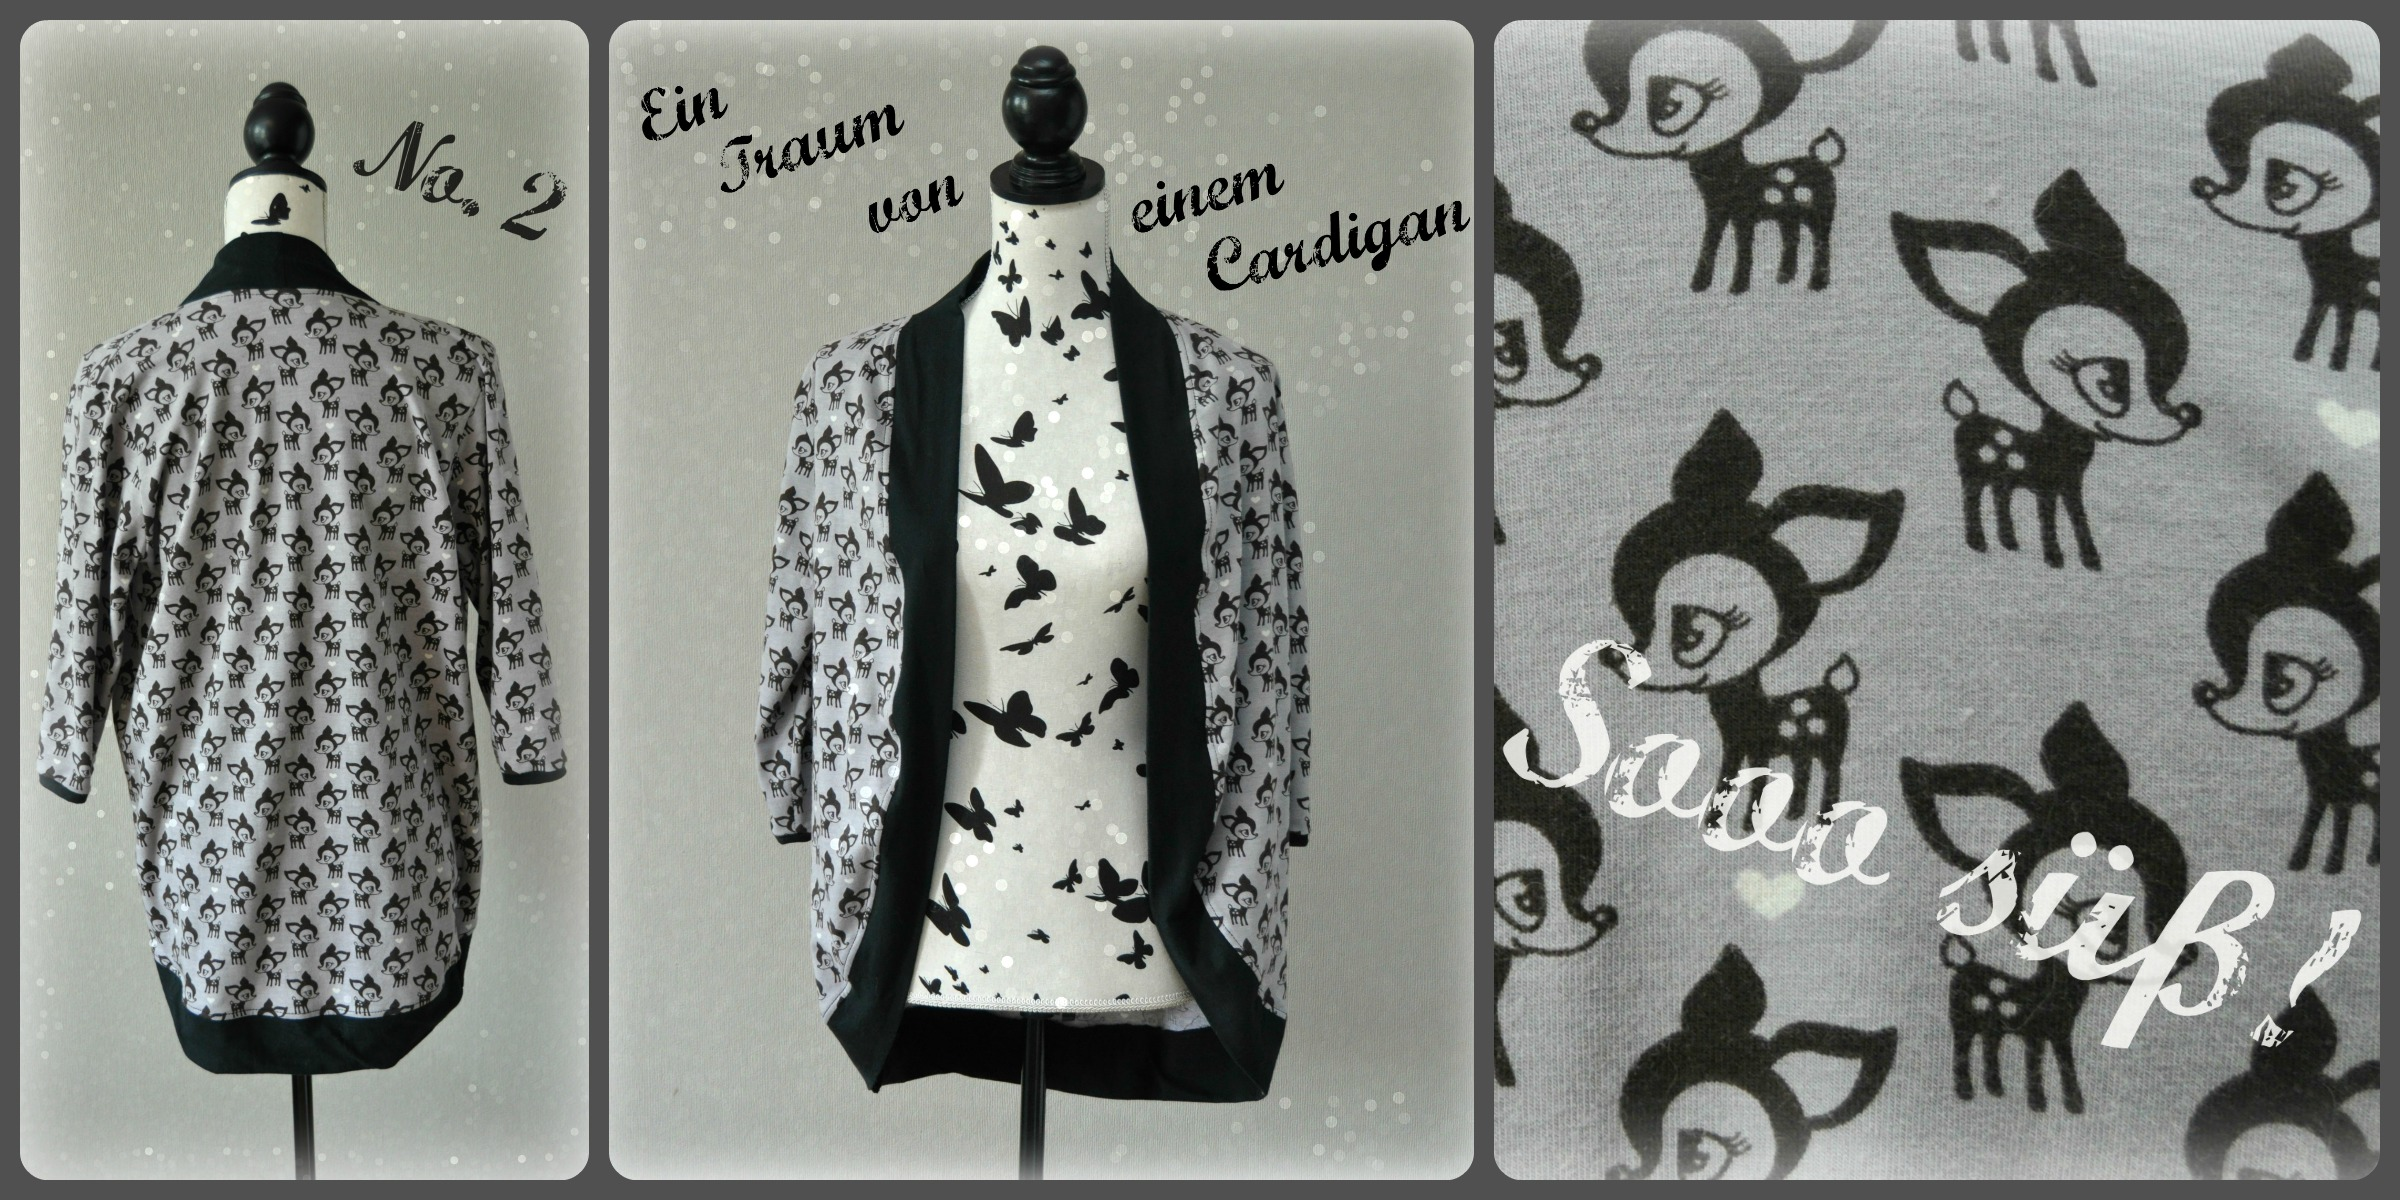 Cardigan3 Collage